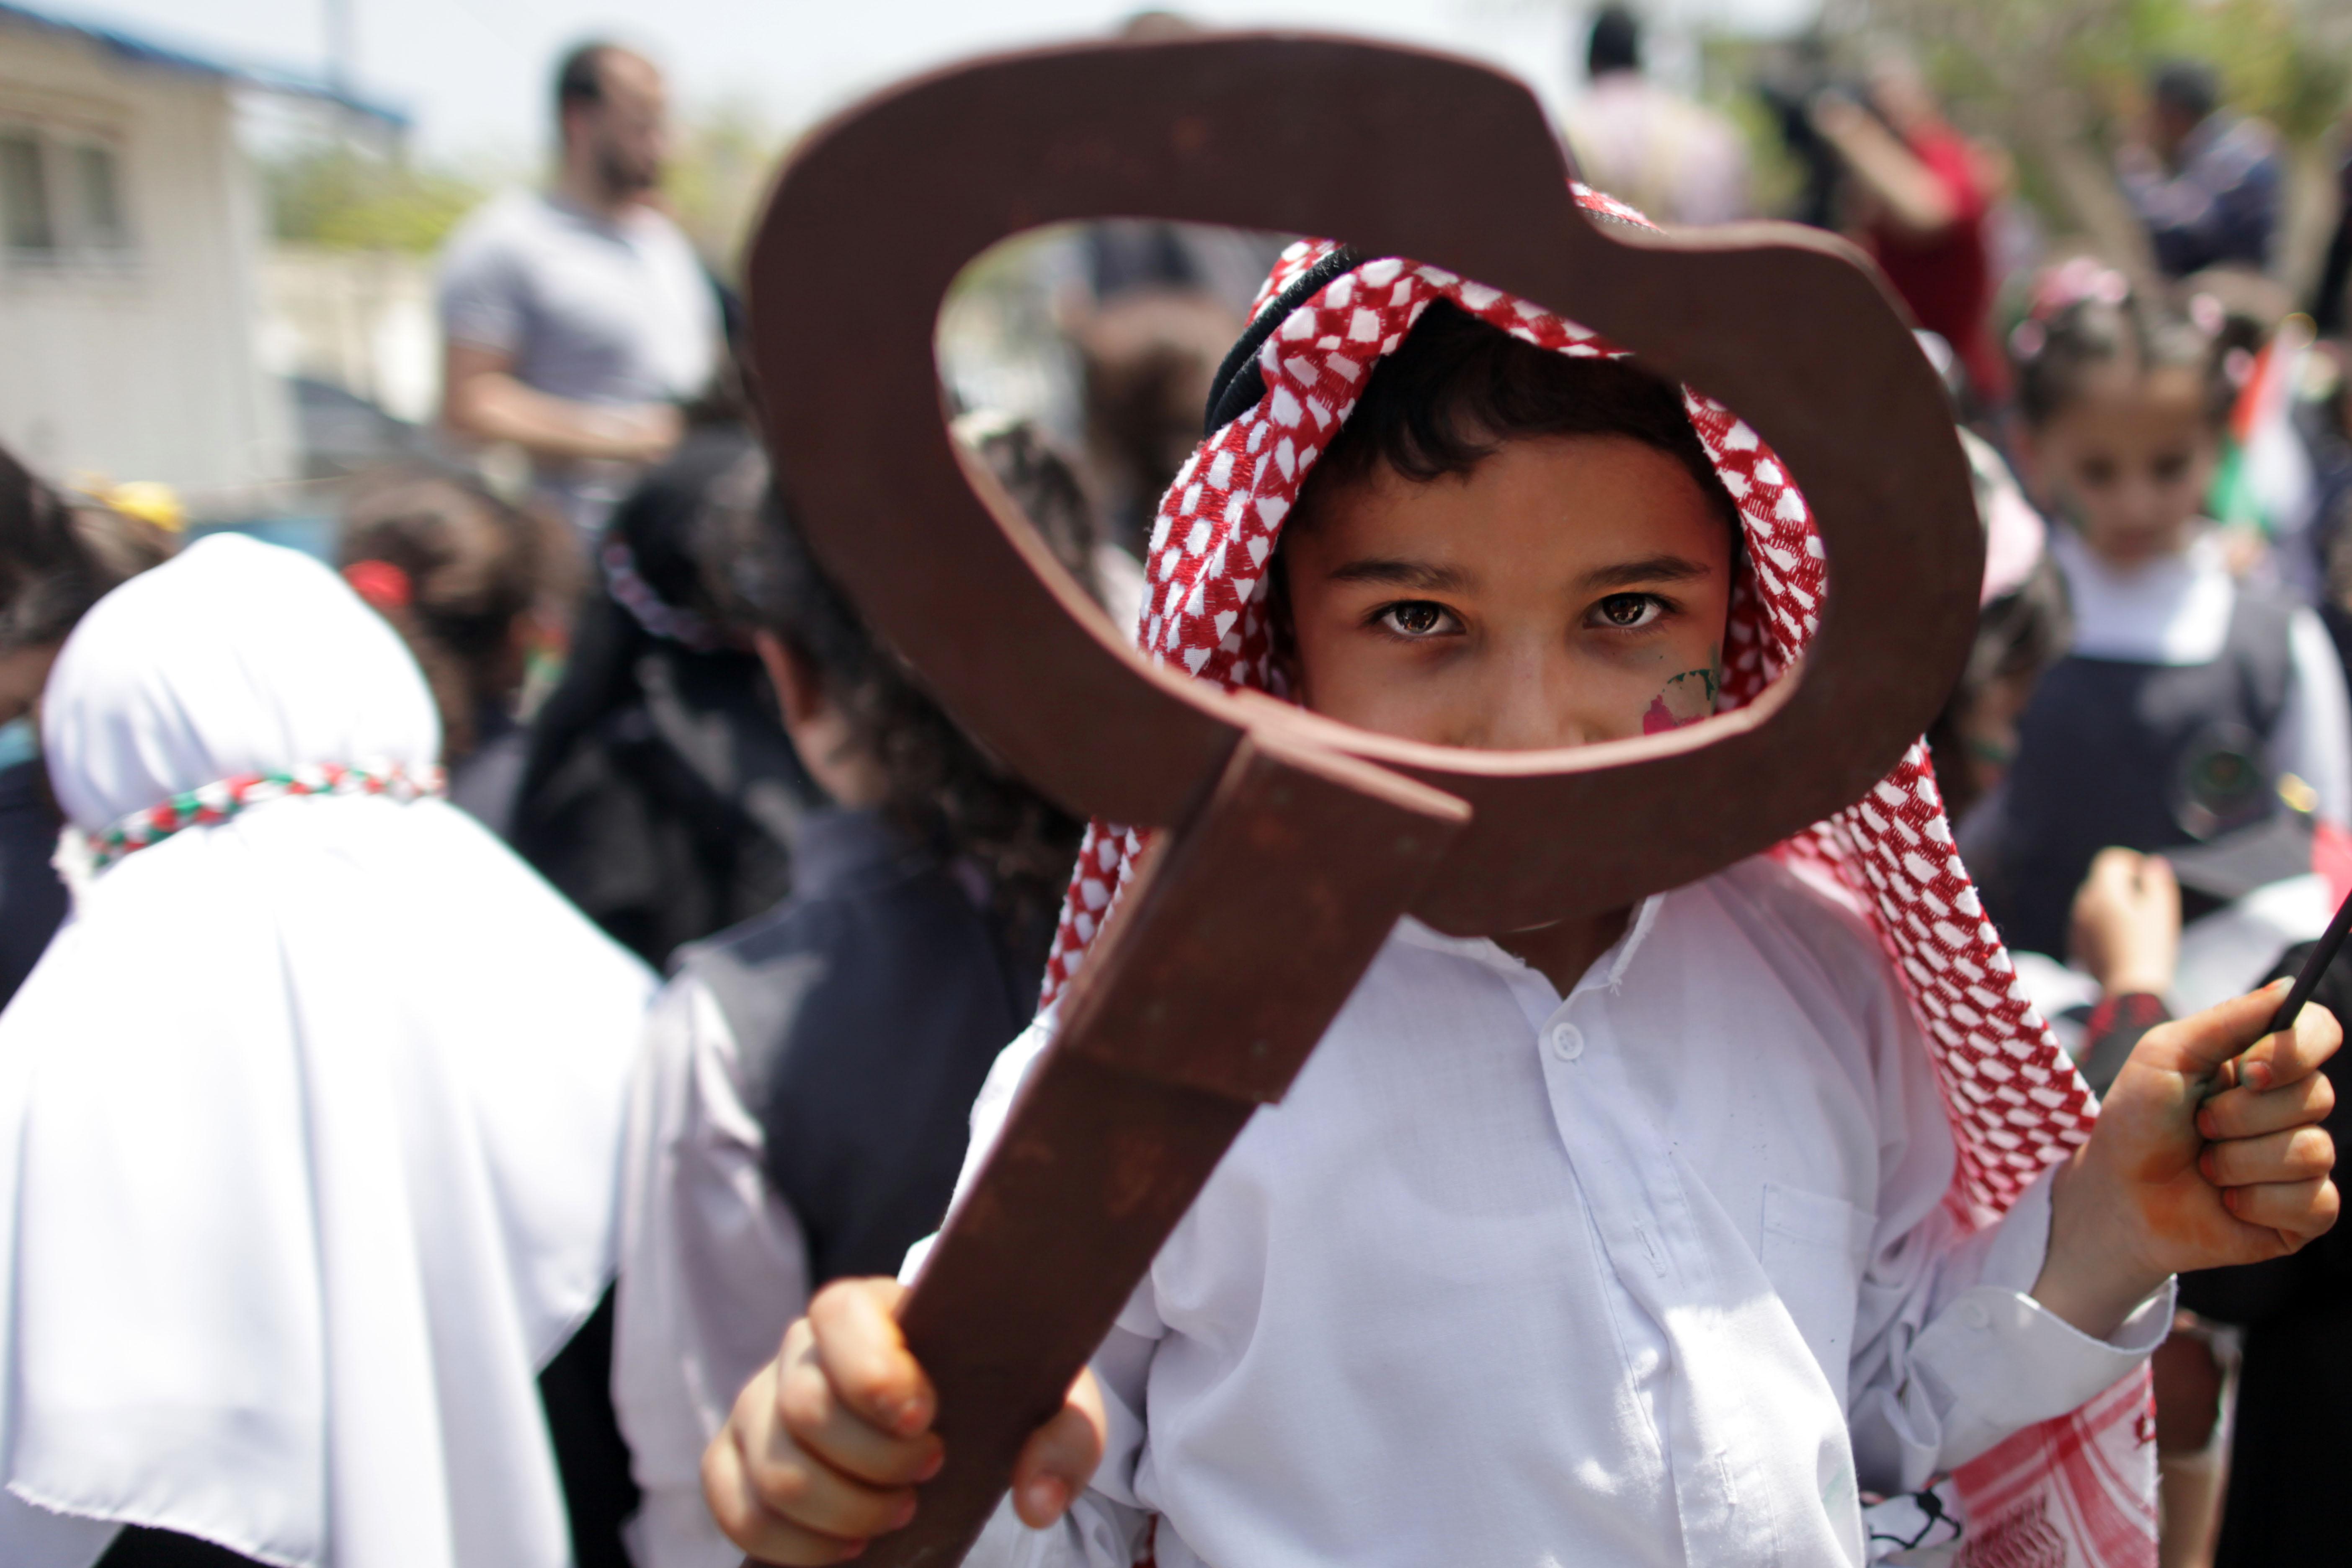 יום הנכבה, ילד פלסטיני, ערבי, פלסטינים